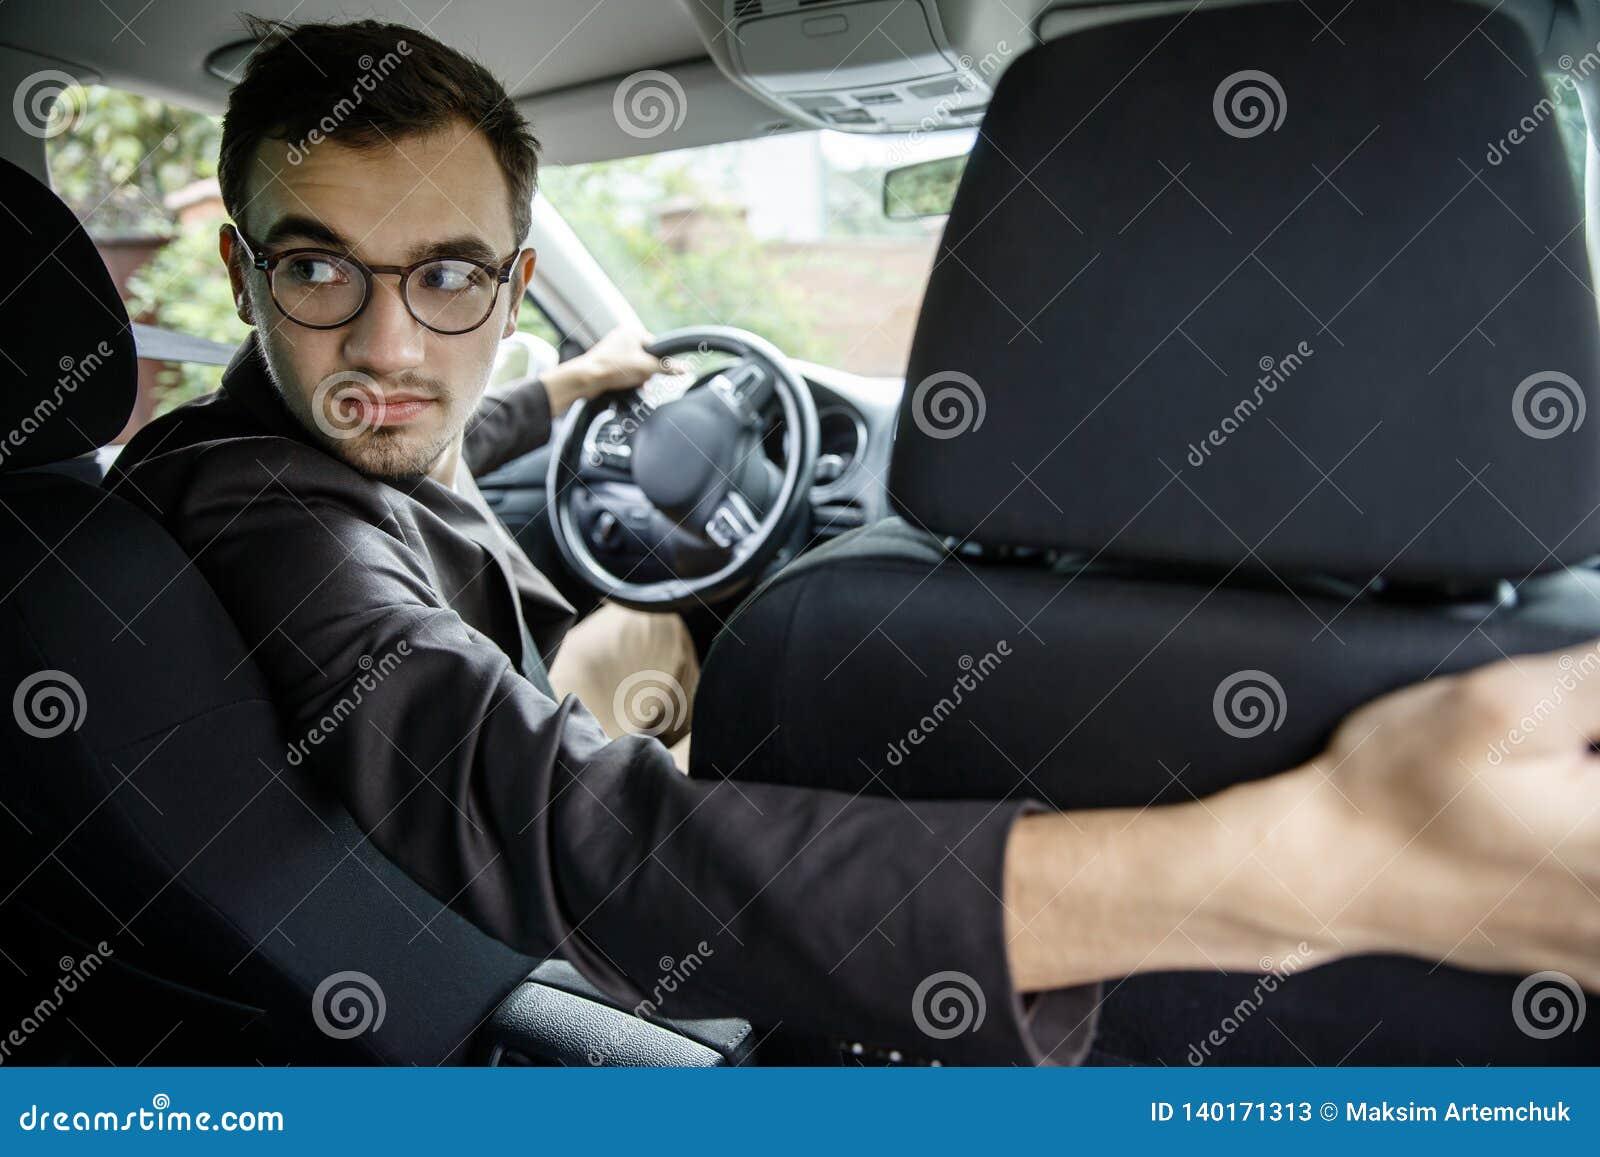 Ο νέος ταξιτζής ξανακοιτάζει πέρα από τα καθίσματα Κάθεται στο αυτοκίνητό του